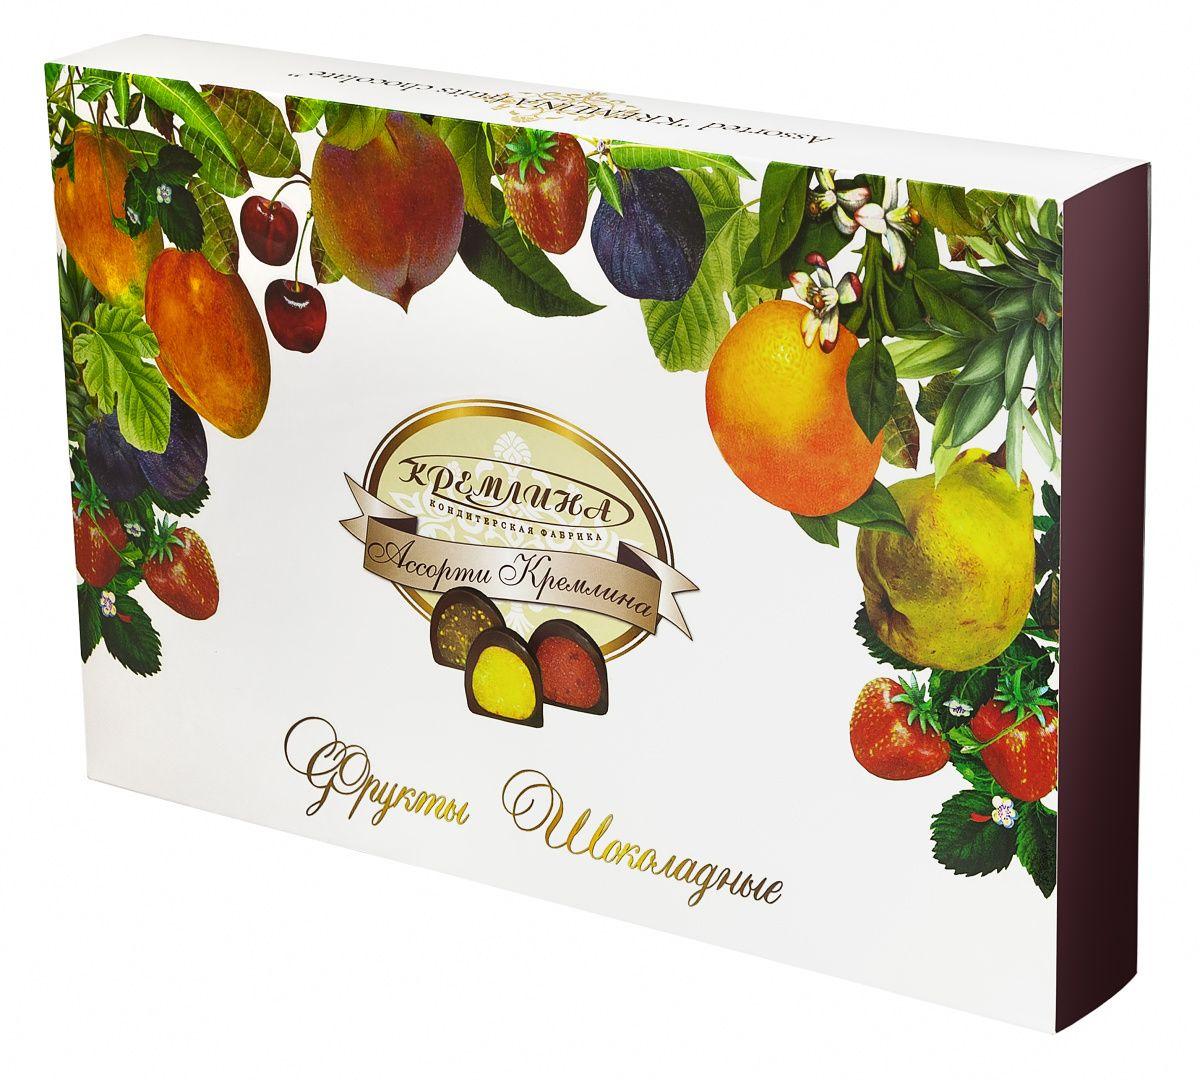 Кремлина Ассорти Фрукты шоколадные, 500 г (коробка)